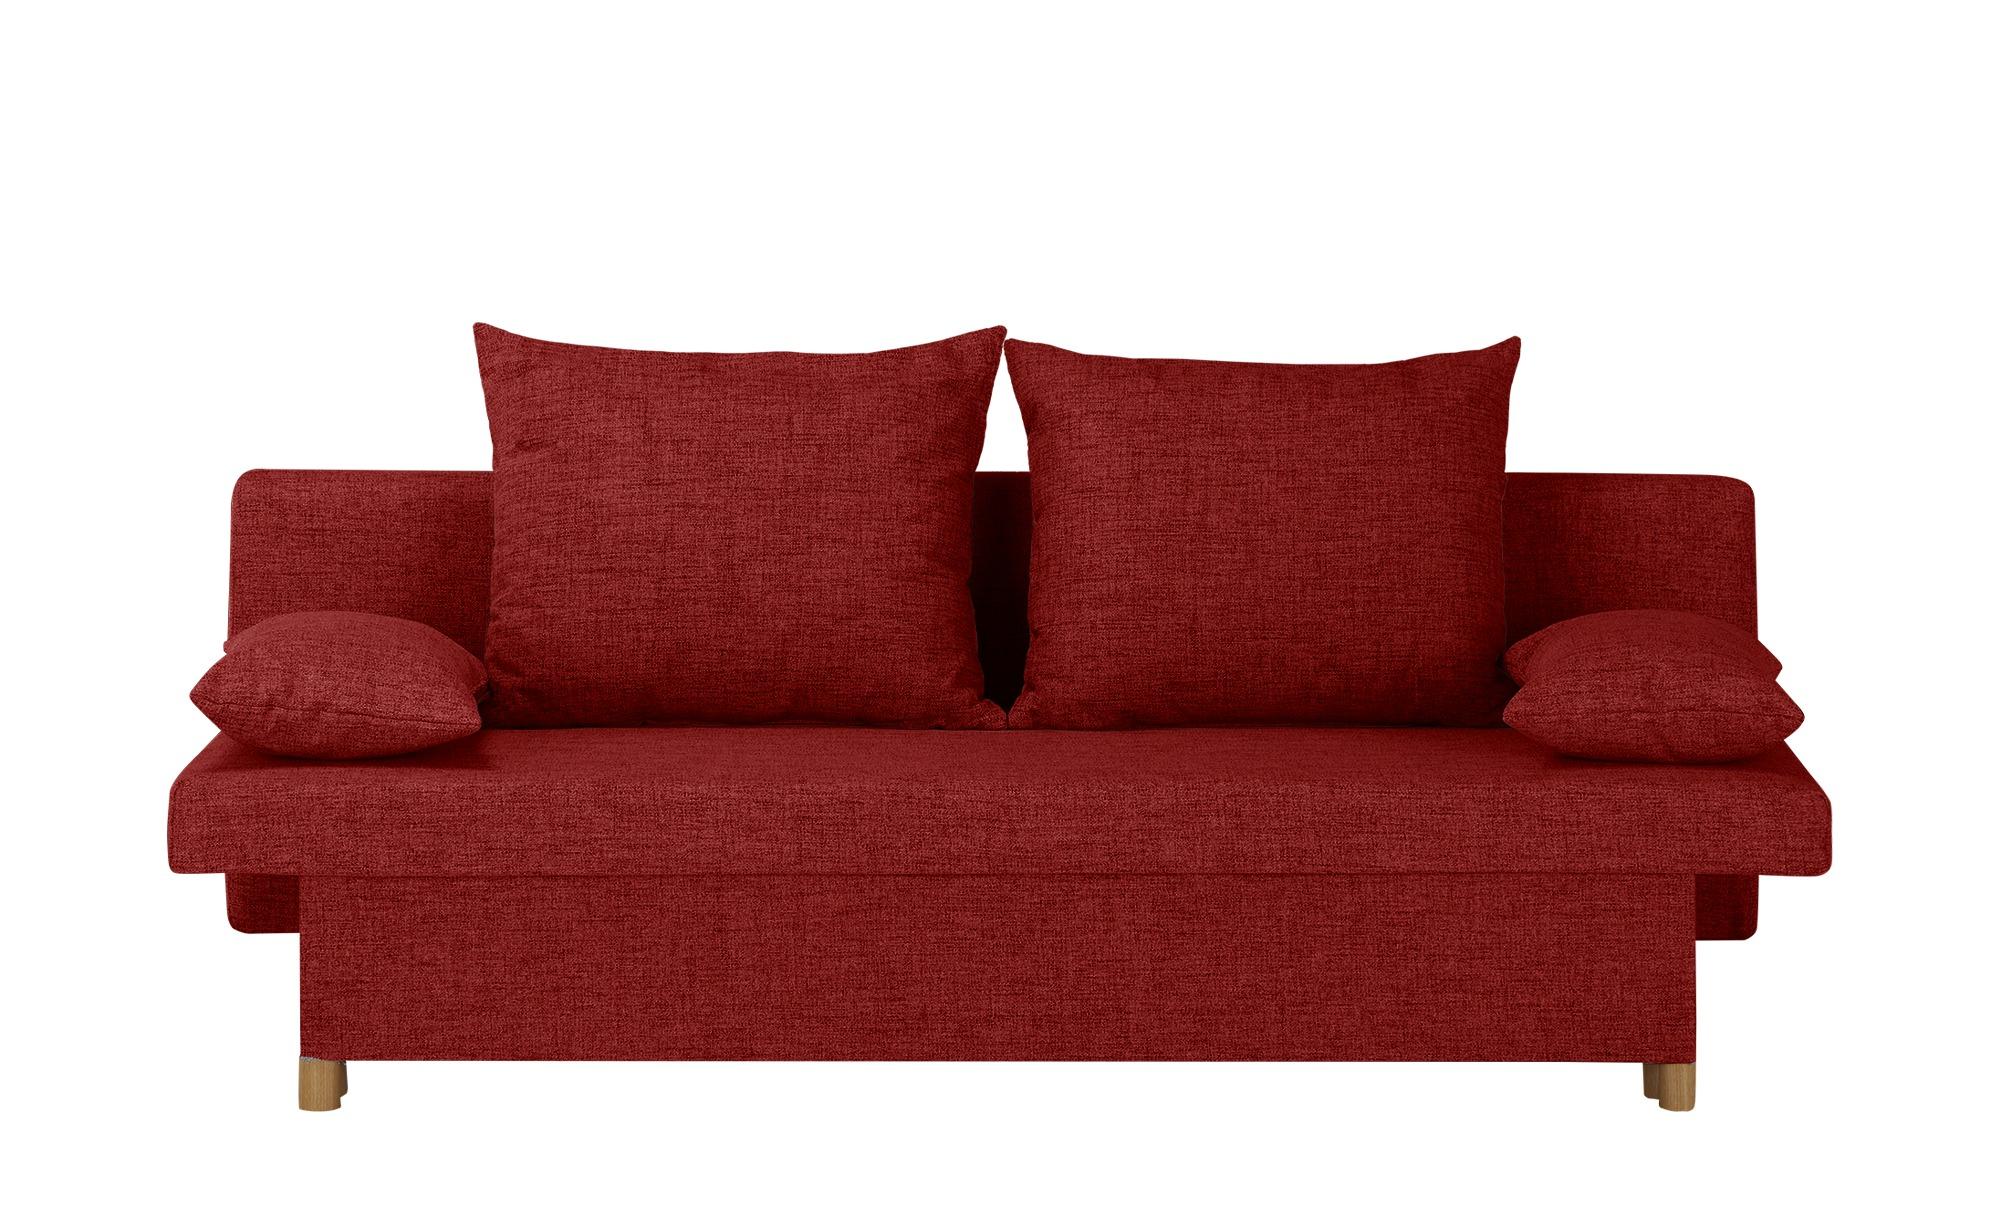 smart Schlafsofa  Wiebke ¦ rot ¦ Maße (cm): B: 194 H: 88 T: 87 Polstermöbel > Sofas > Einzelsofas - Höffner